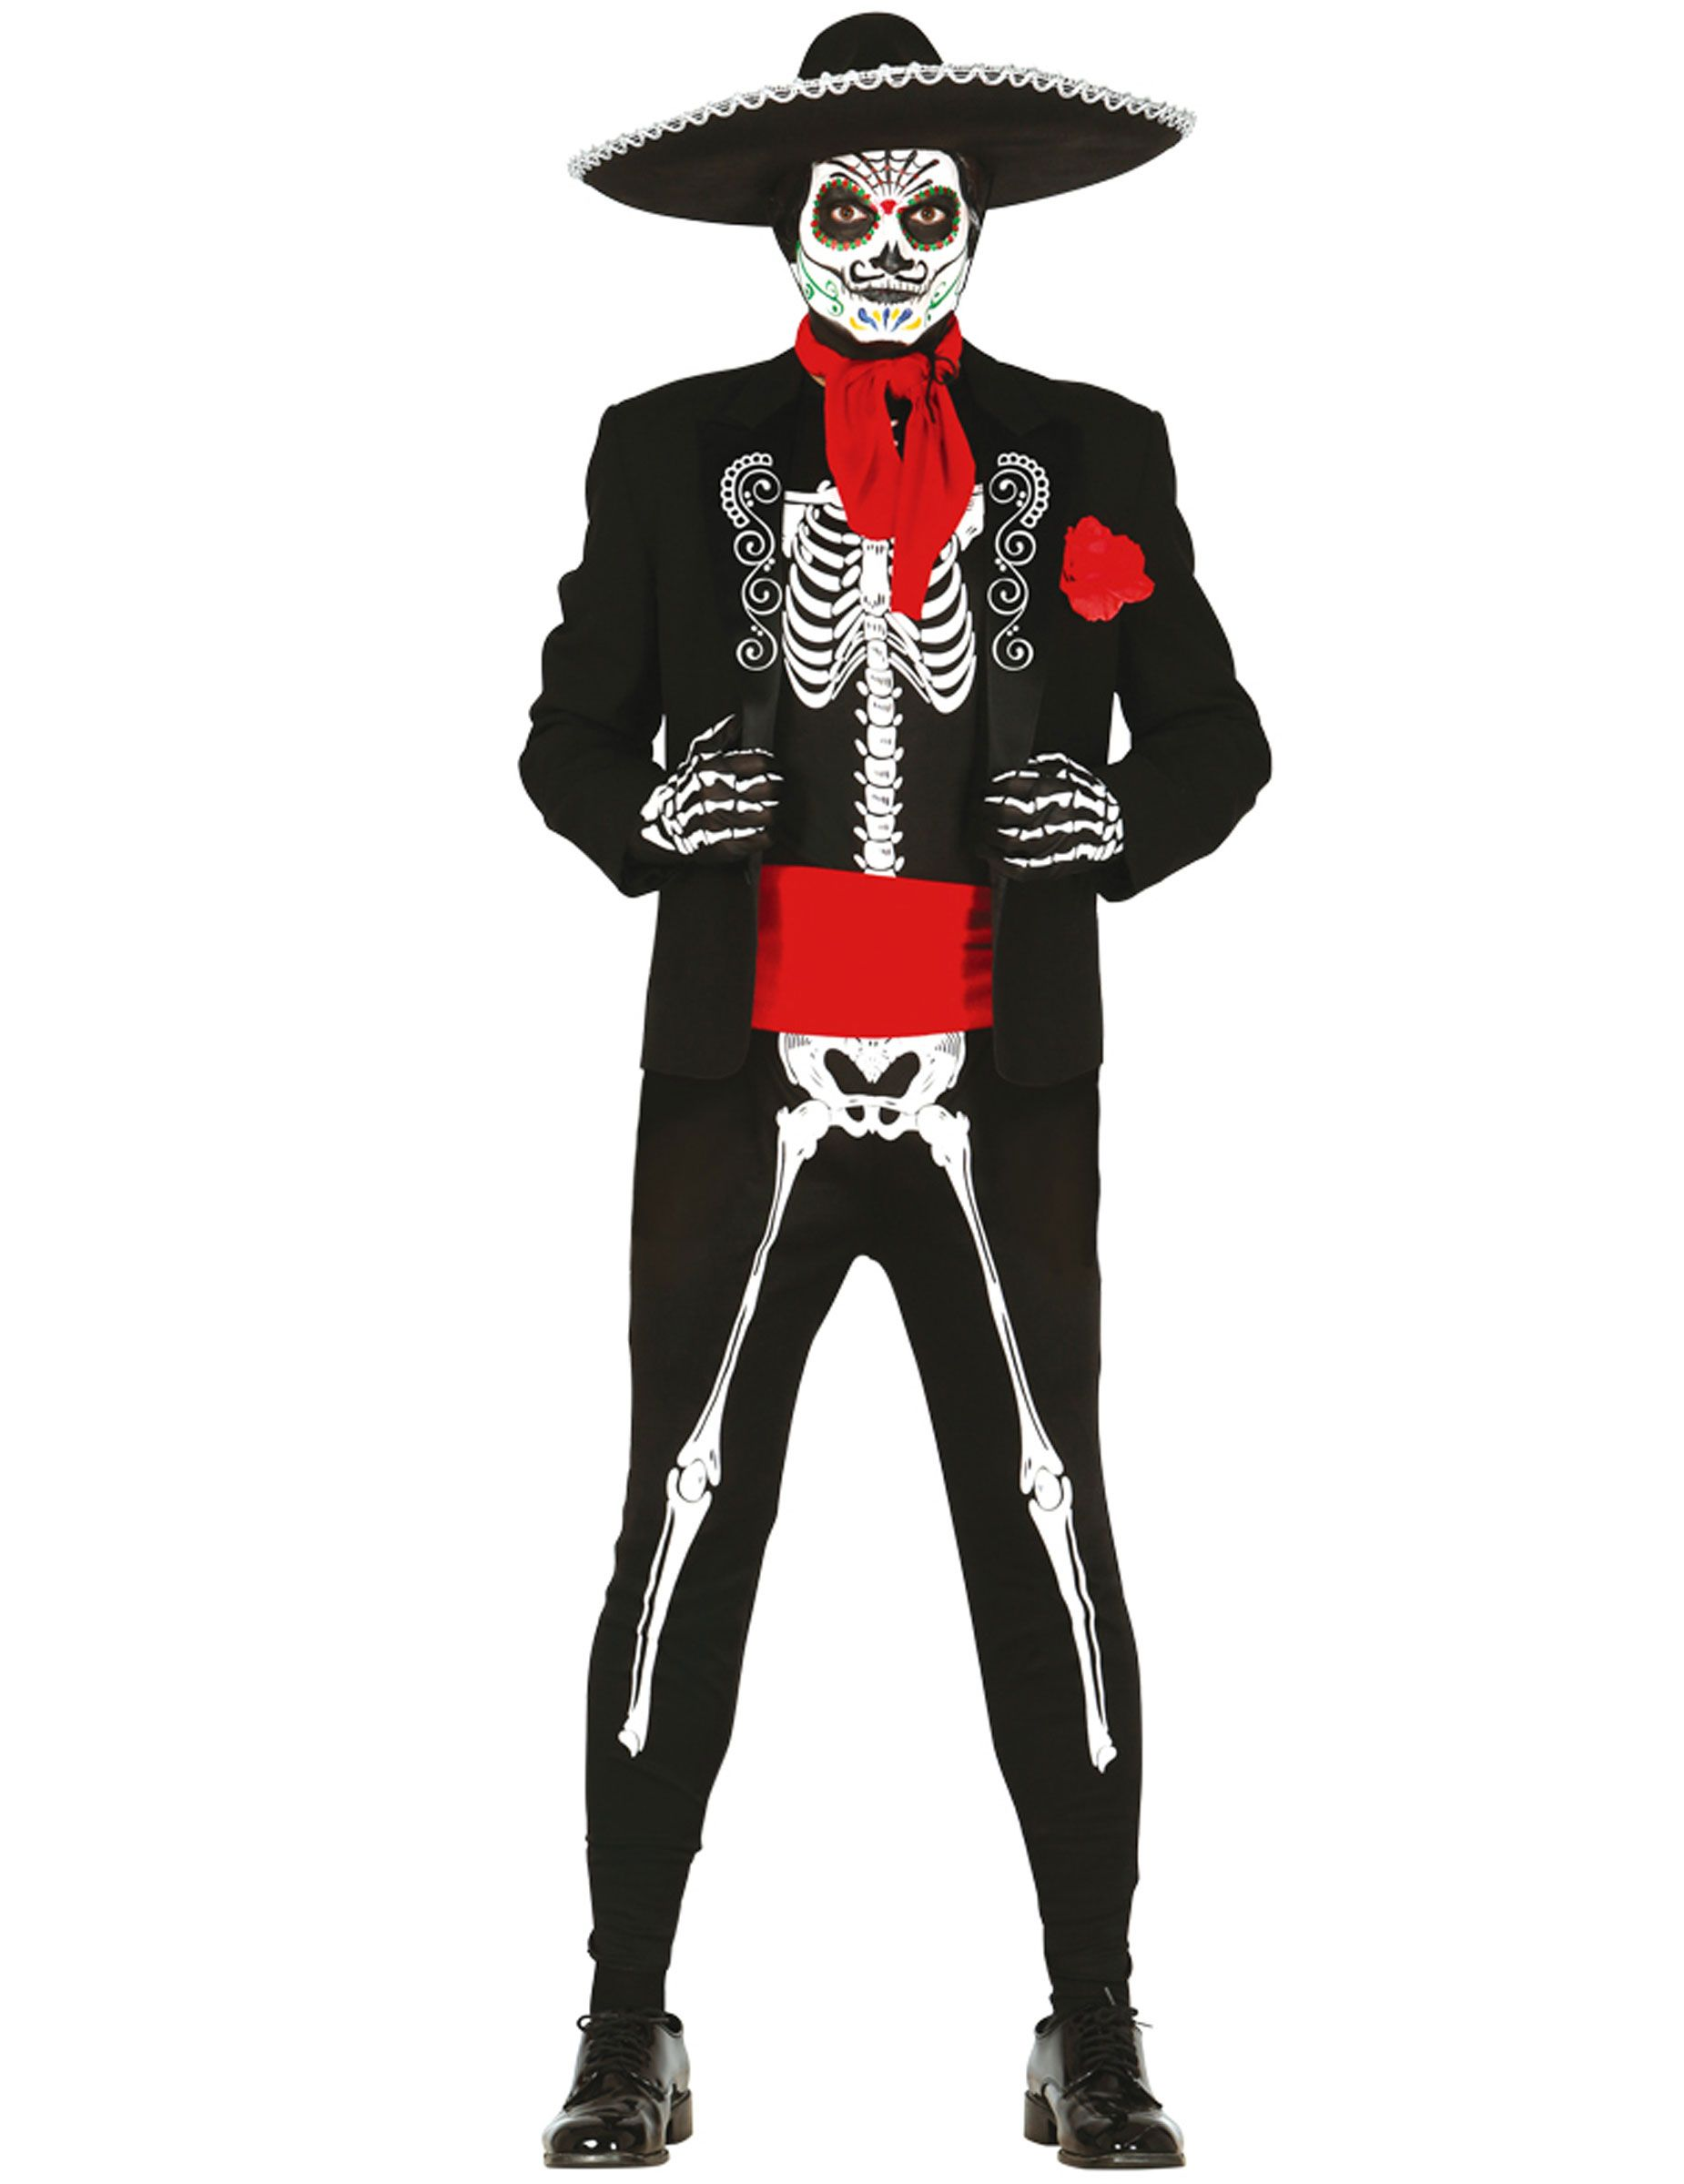 Costume scheletro messicano per uomo dia de los muertos  Questo  travestimento da scheletro messicano per a6ba7746b4fc